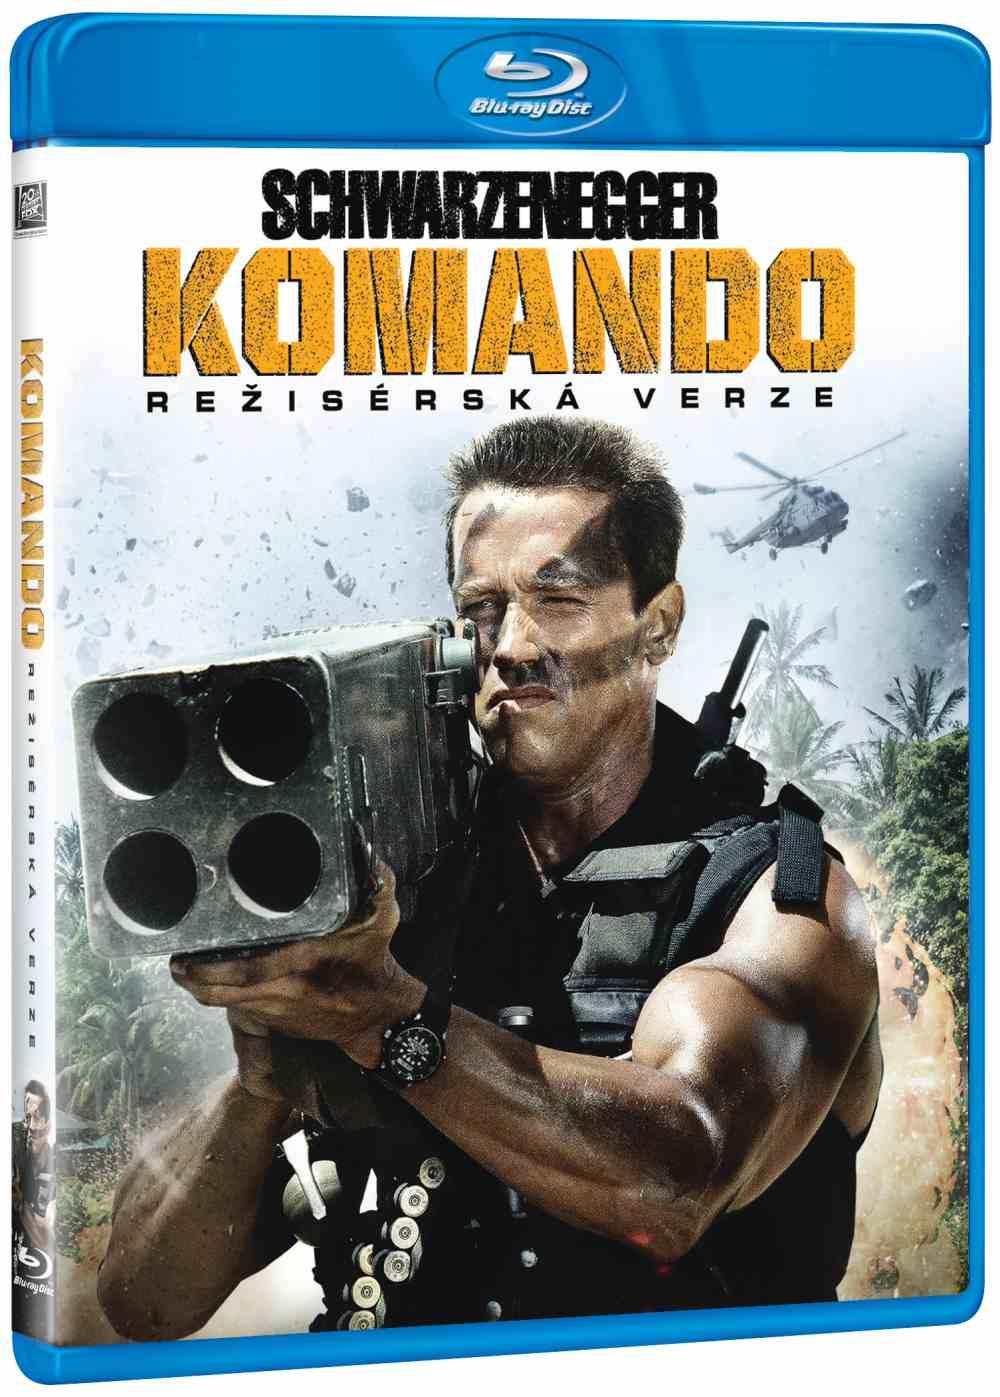 KOMANDO (Režisérská verze) - Blu-ray